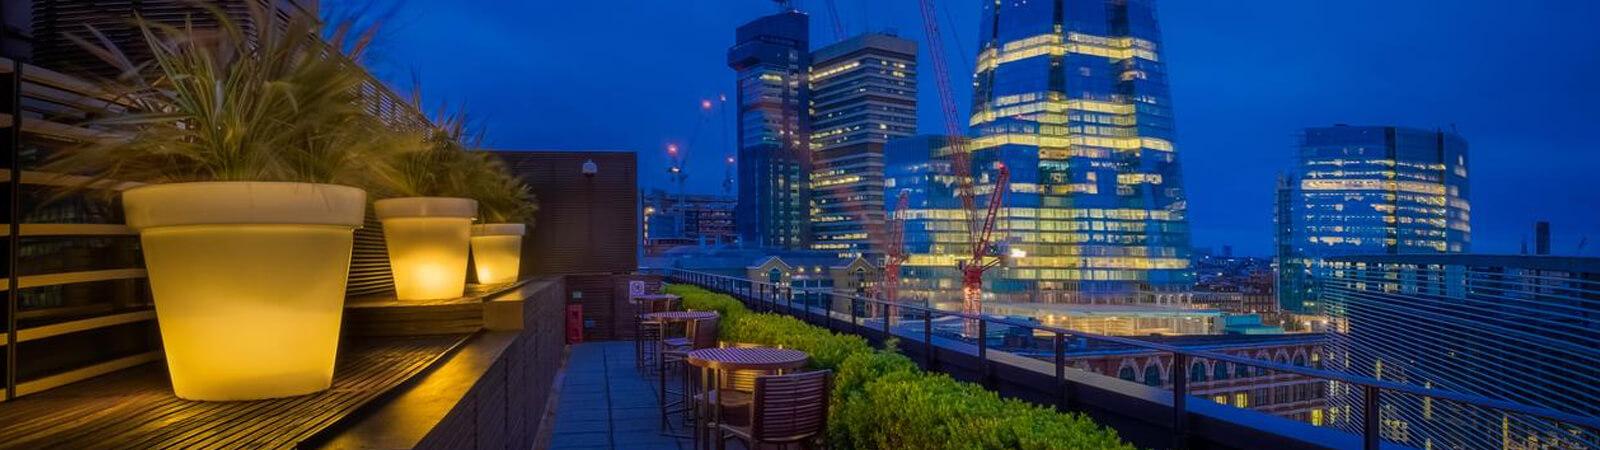 Best Hilton Hotels In London